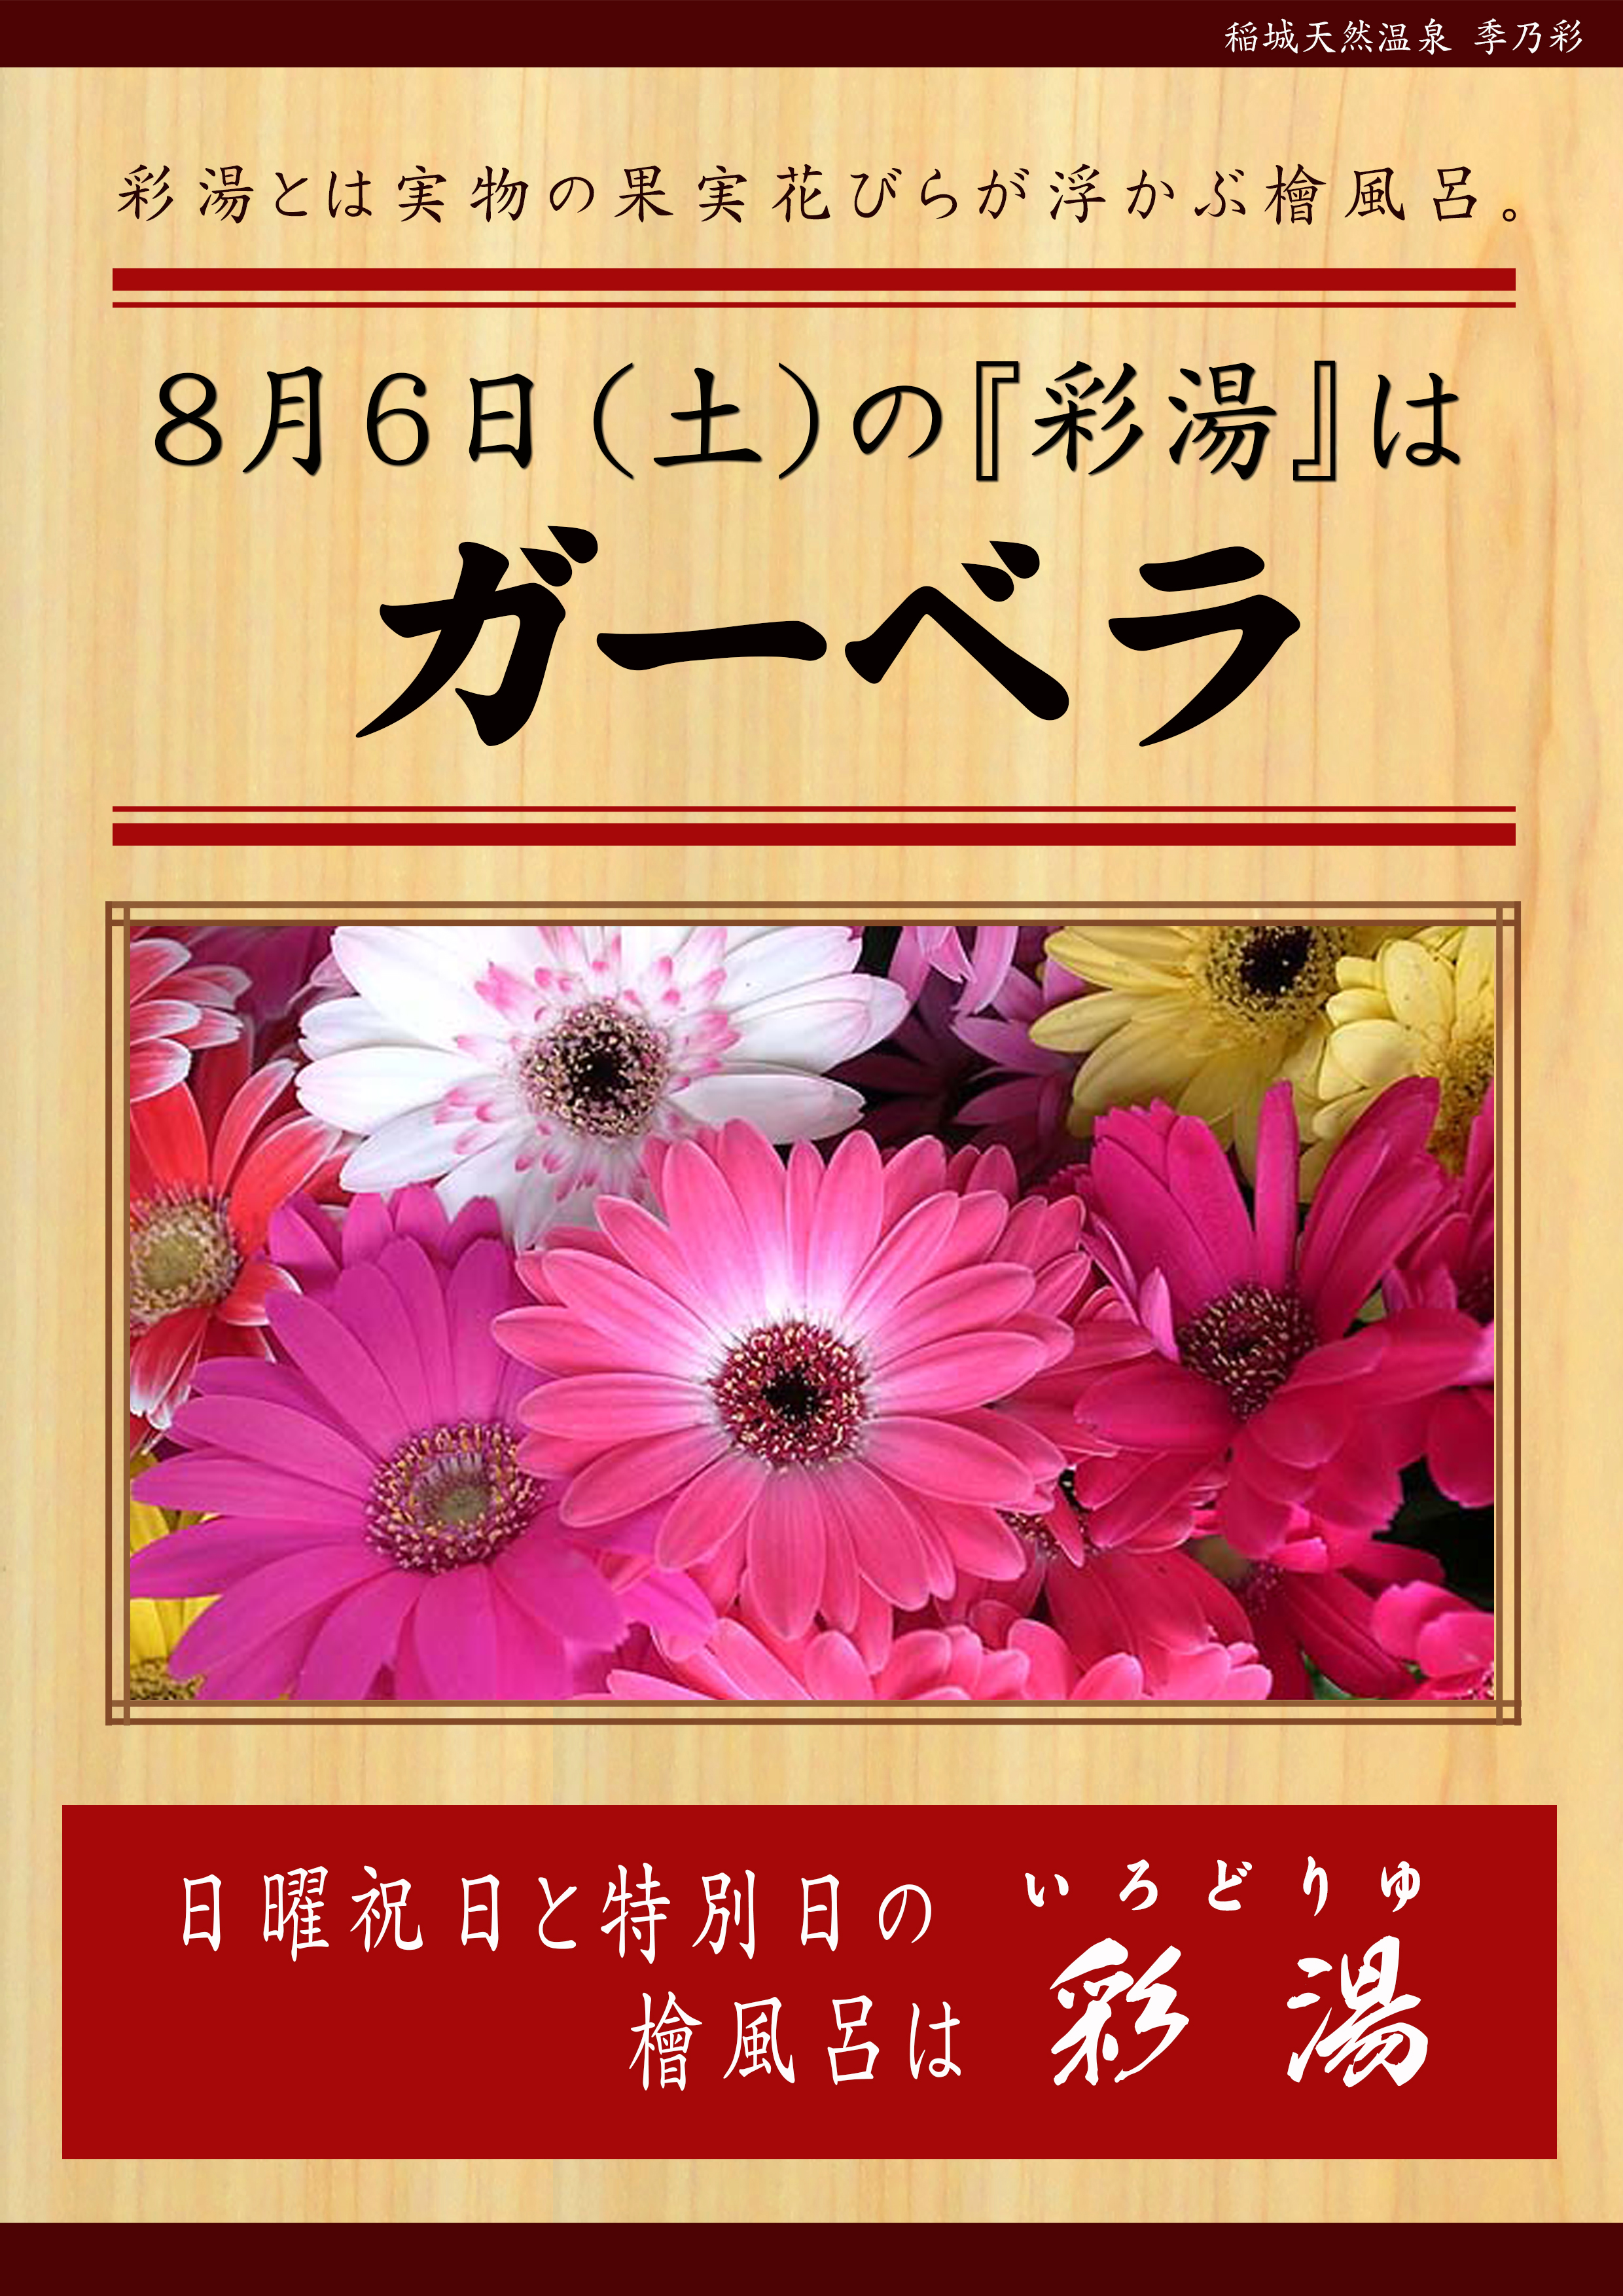 20160806 彩湯 ガーベラ